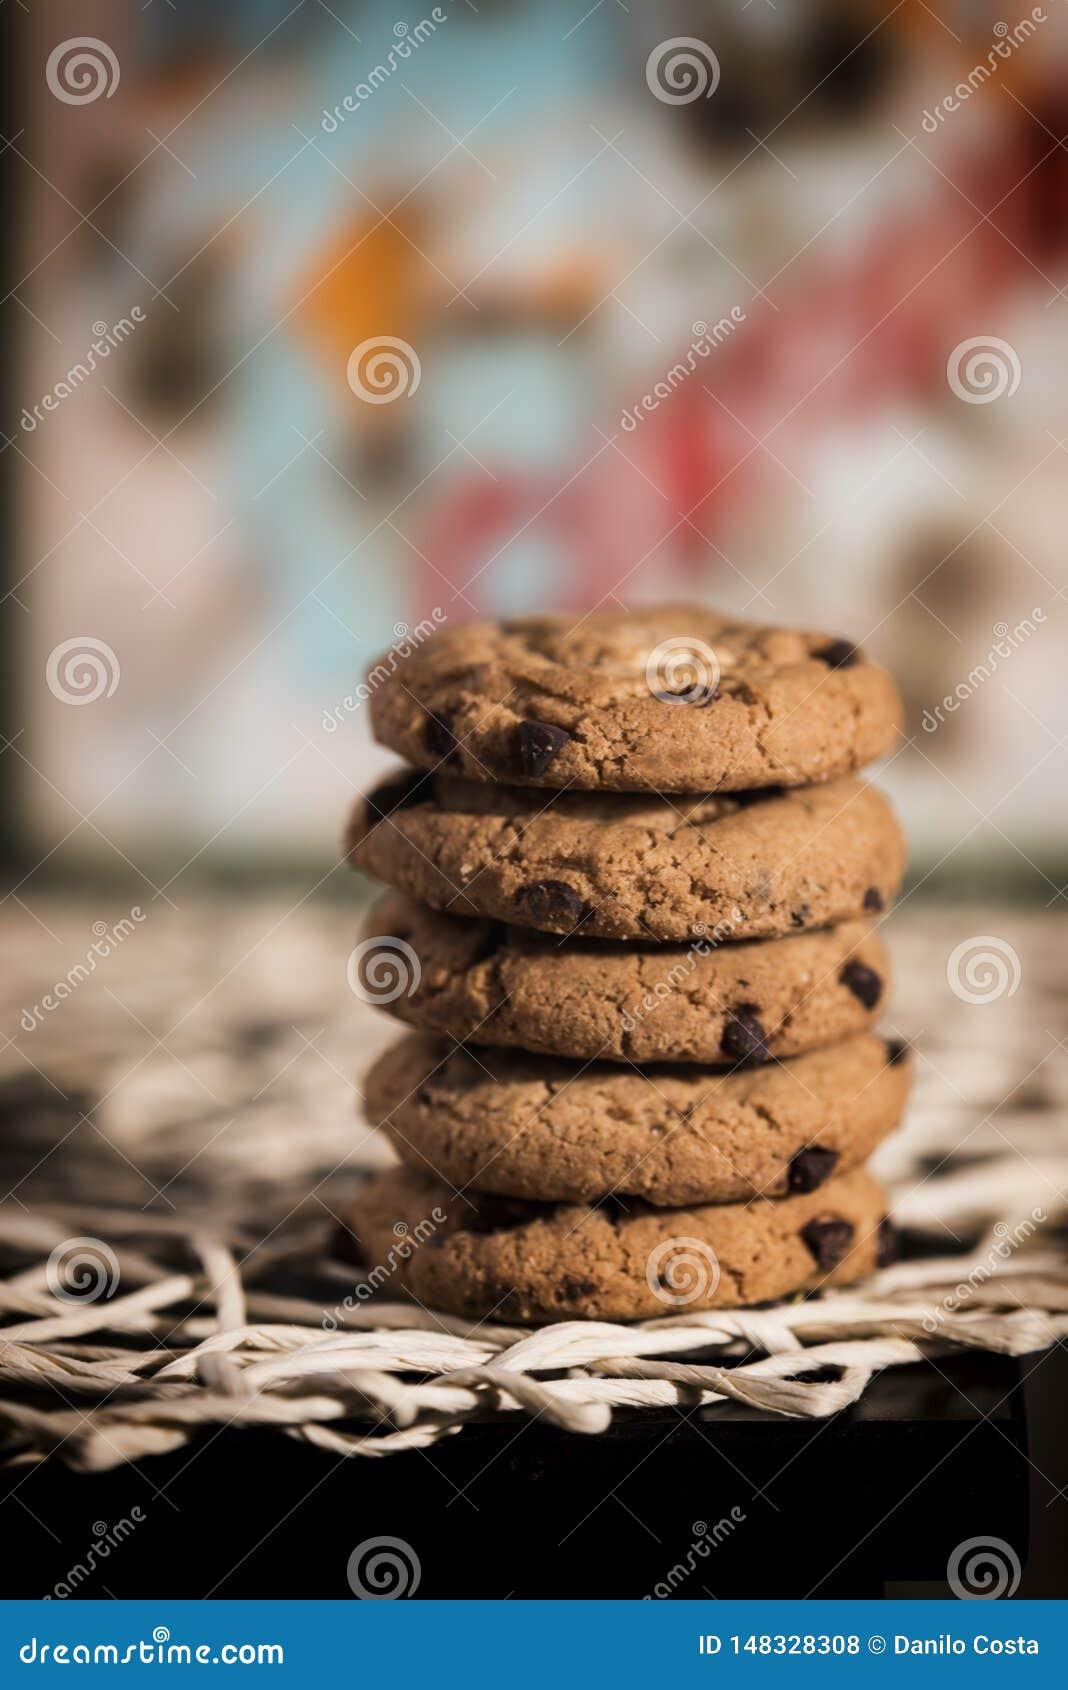 Chocoladekoekjes op belangrijkste voorwerpen, gekleurde achtergrond en bokeh